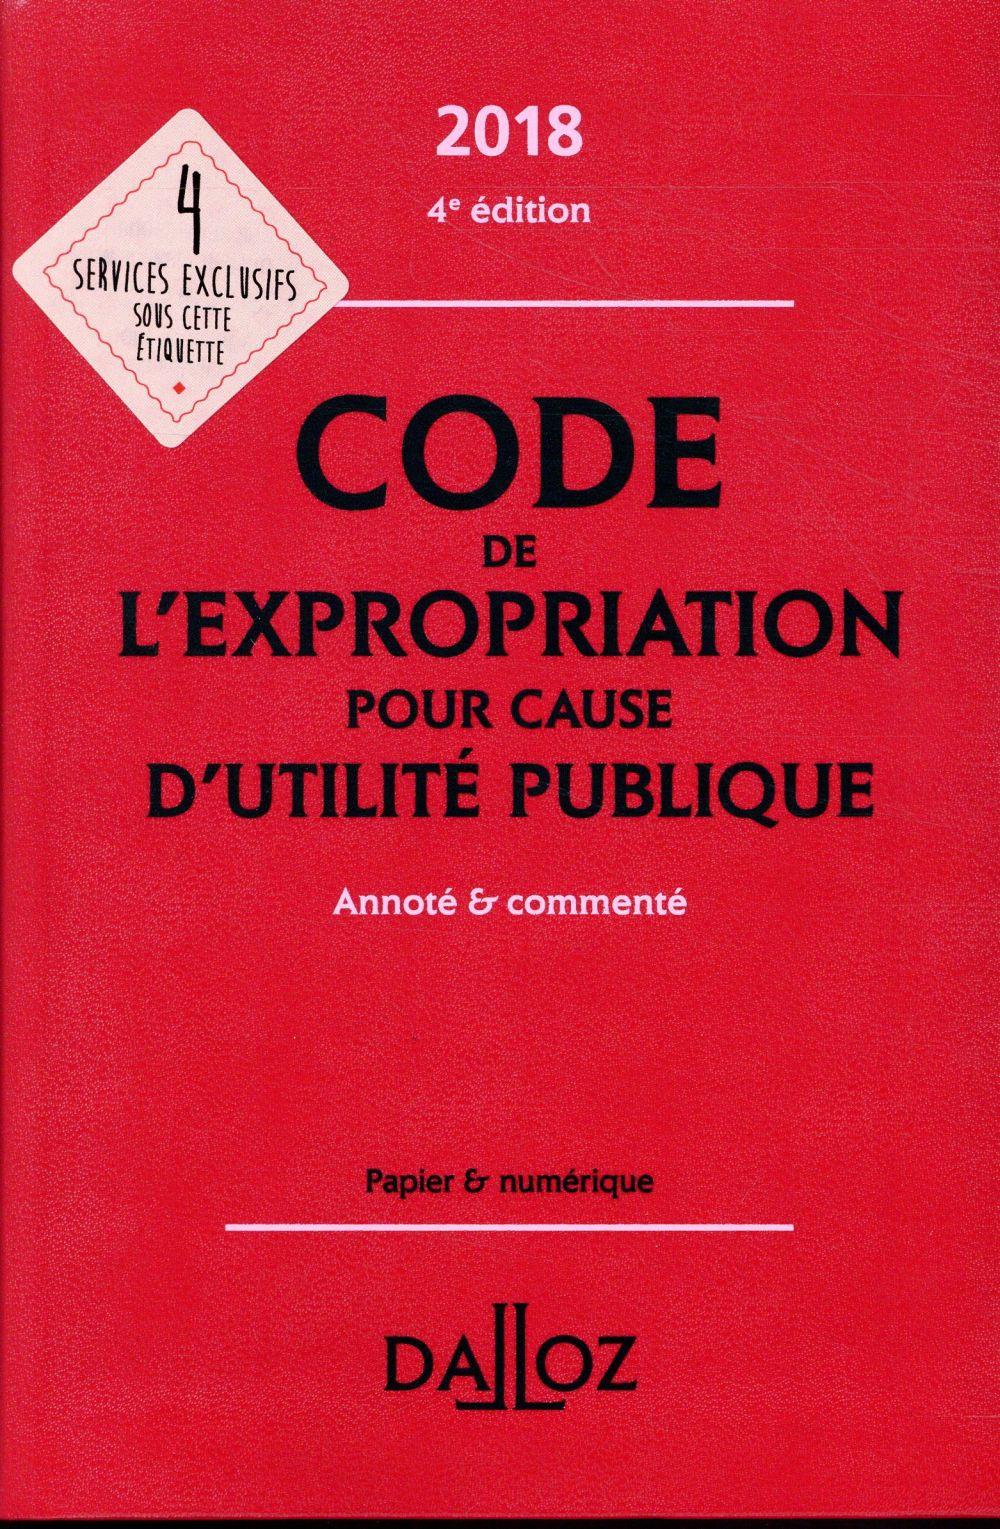 Code de l'expropriation pour cause d'utilité publique annoté et commenté (édition 2018)